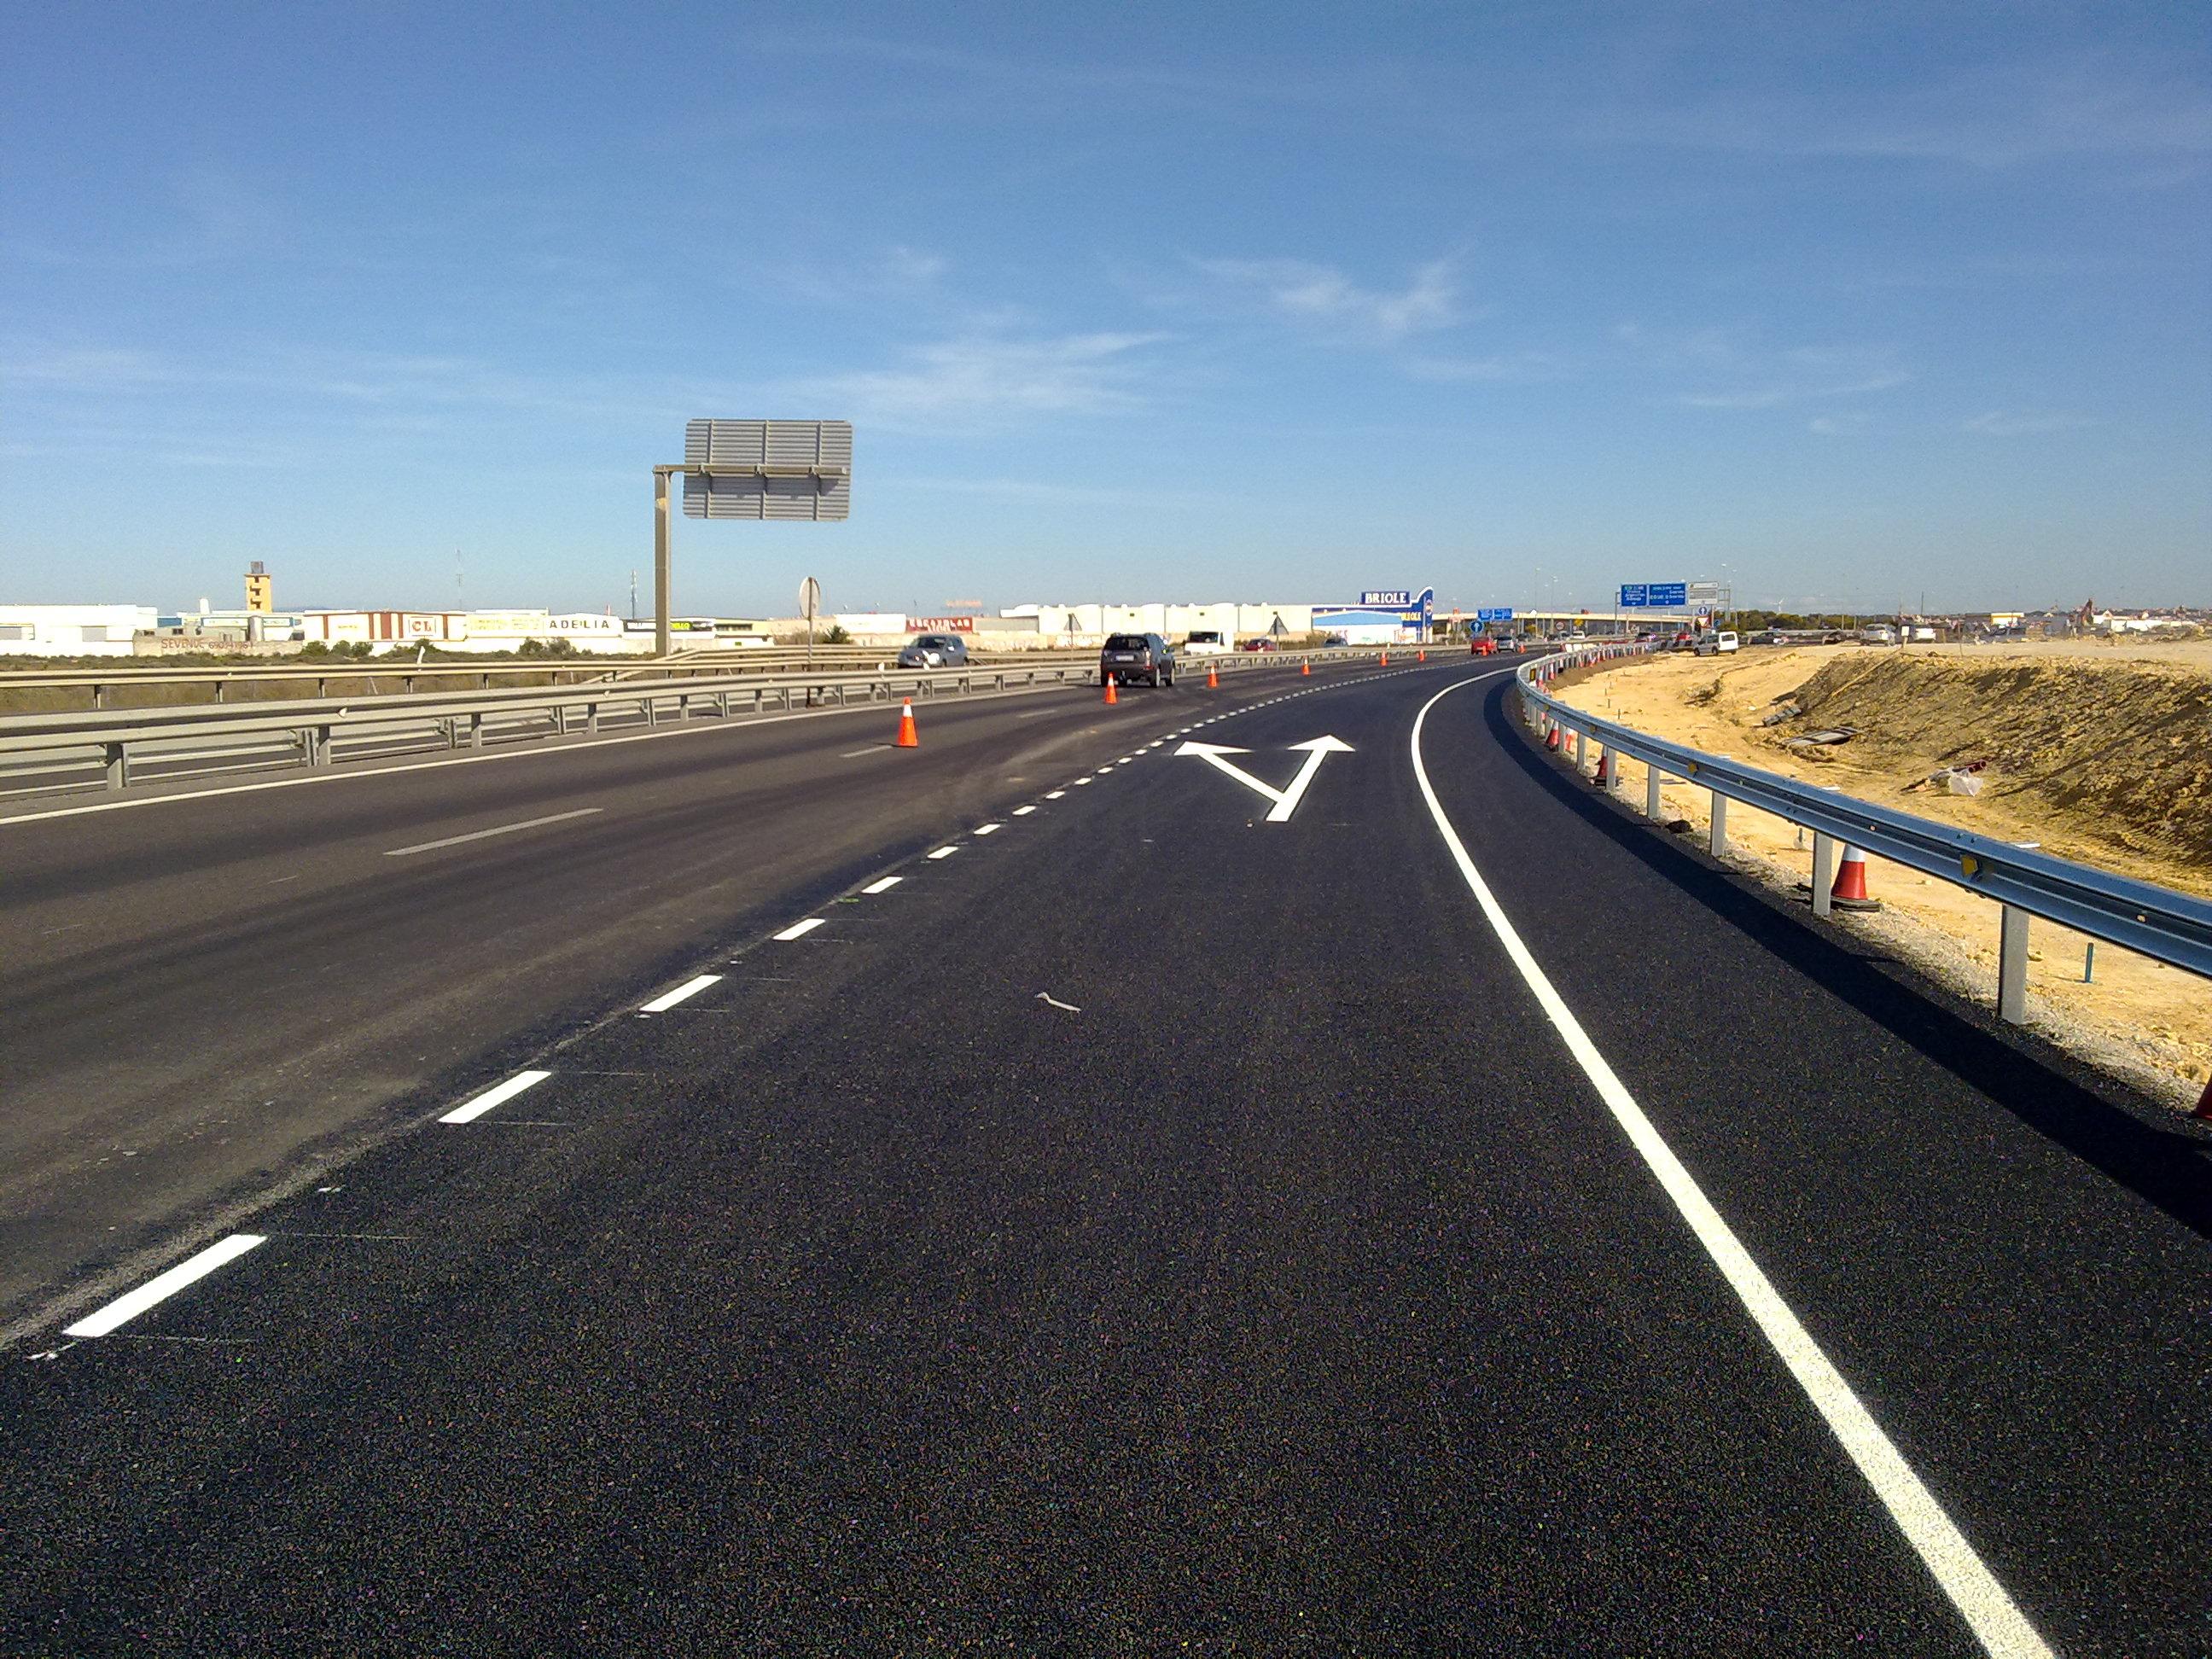 El ramal mejorará la conexión y fluidez del tráfico entre San Fernando y Chiclana a través de la autovía.